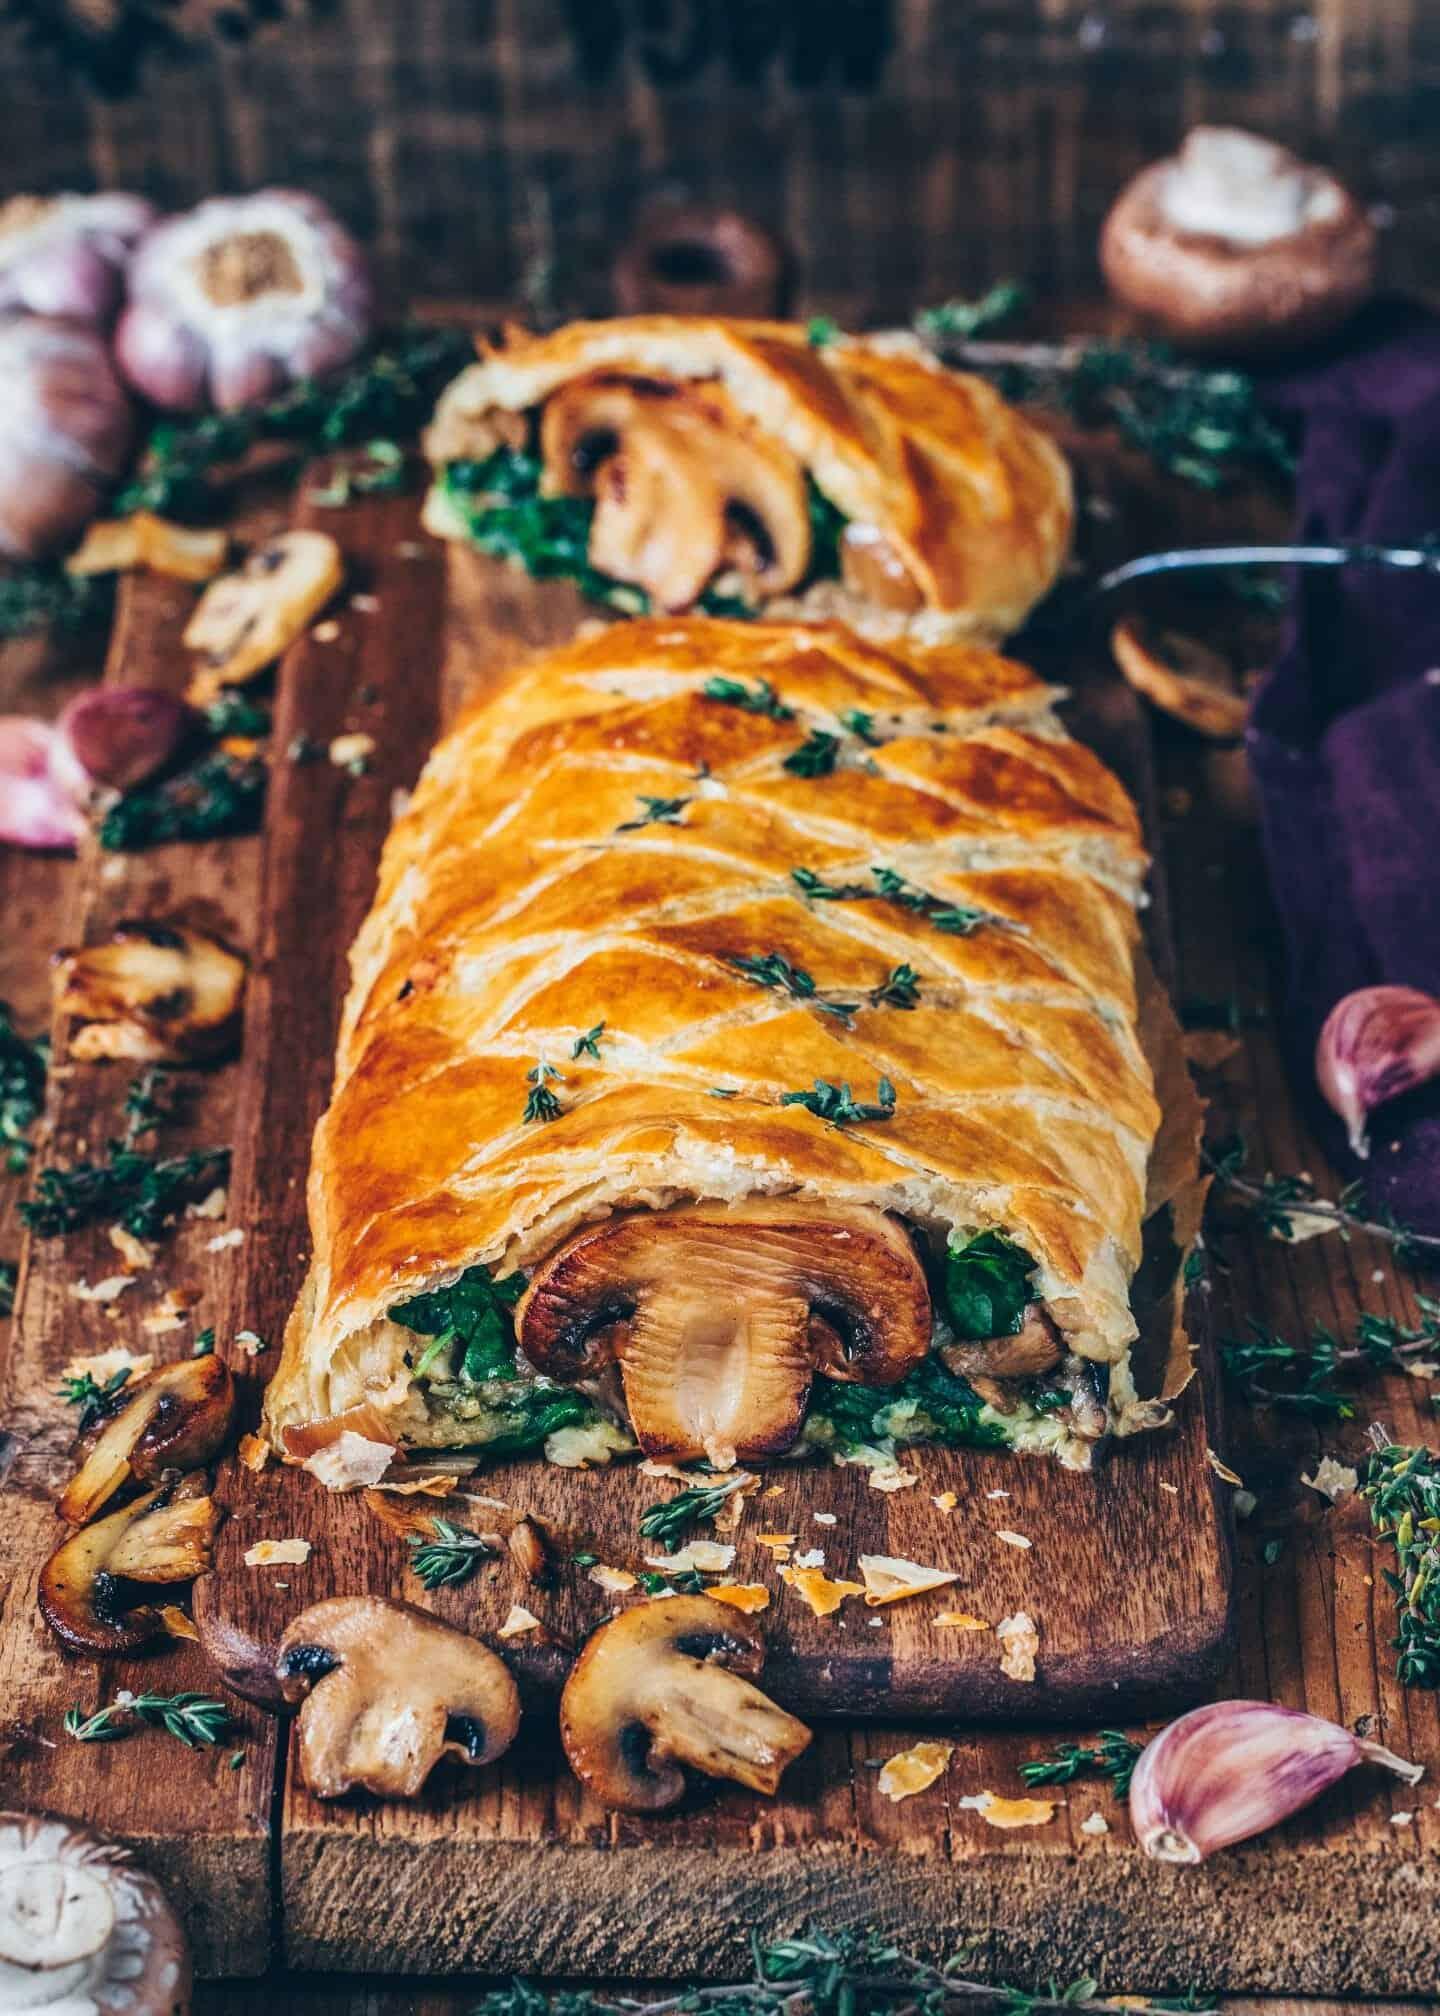 Dieser vegane Pilz-Wellington ist ein köstlicher veganer Braten und wird sicherlich jeden Gast an Weihnachten begeistern! Er ist sehr einfach zuzubereiten, herzhaft, würzig und so lecker!